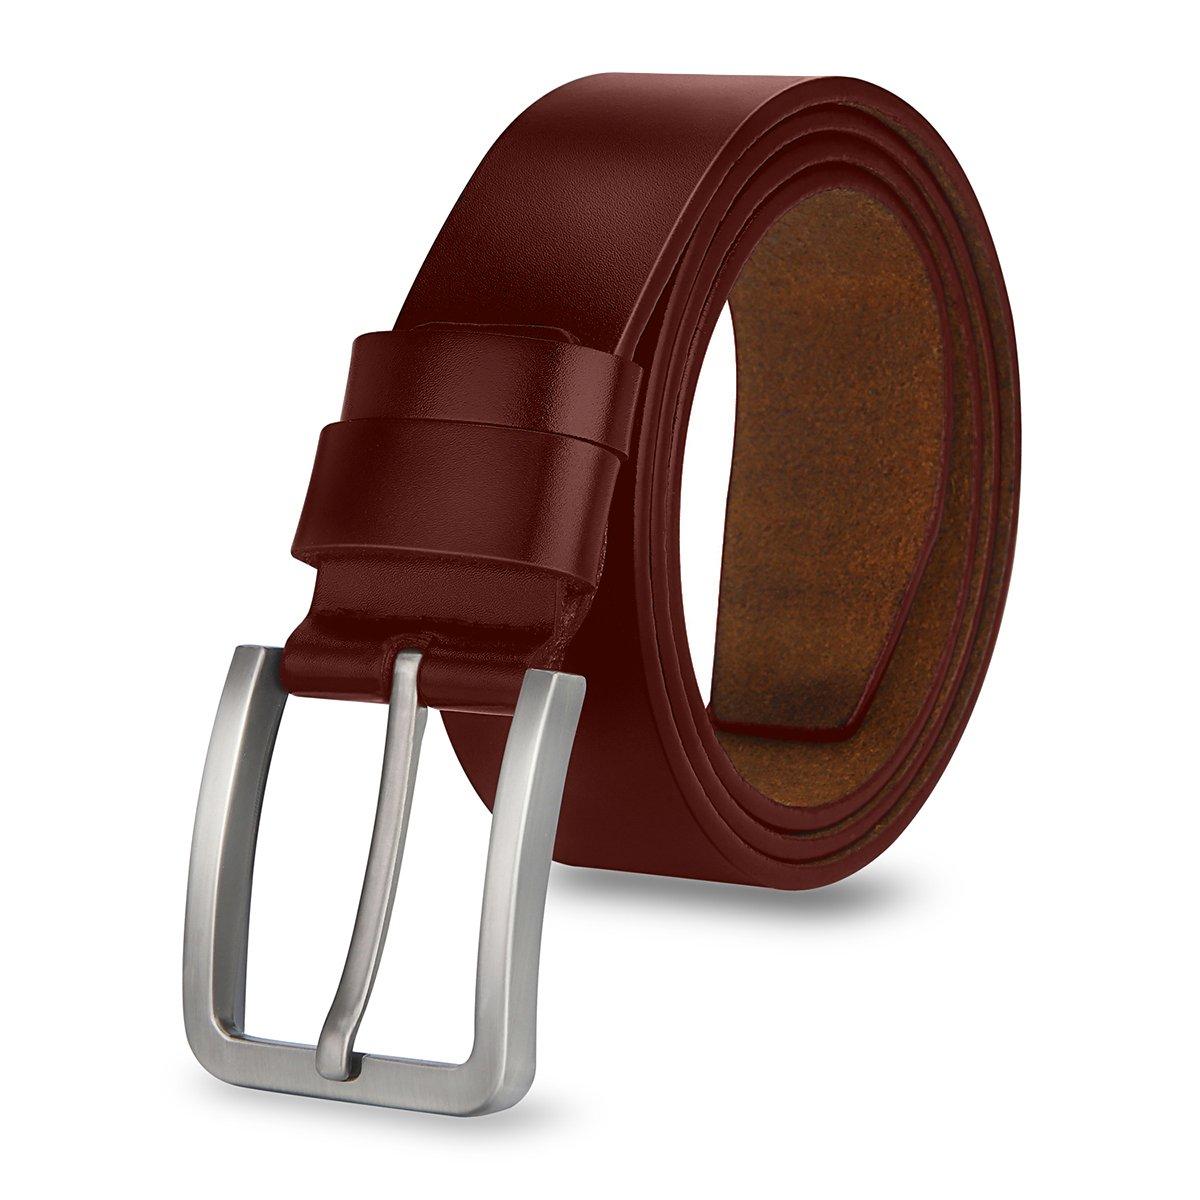 MPTECK @ Nero Cintura in vera pelle 120cm per Uomini uomo regolabile cinghia di cuoio fibbia per lavoro formale casuale mondpalast